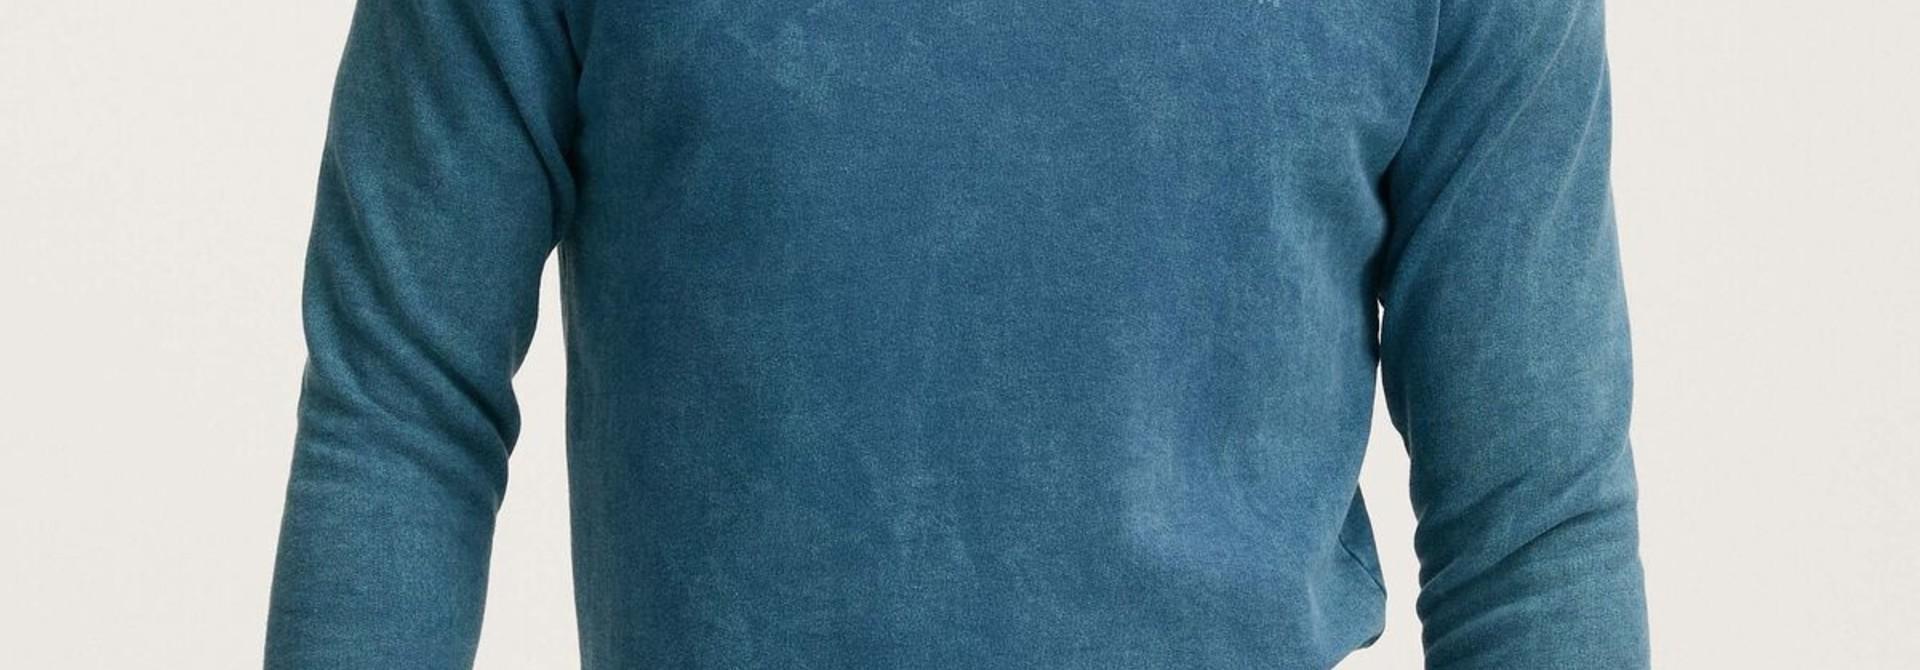 Baker Hoody Blue wing teal